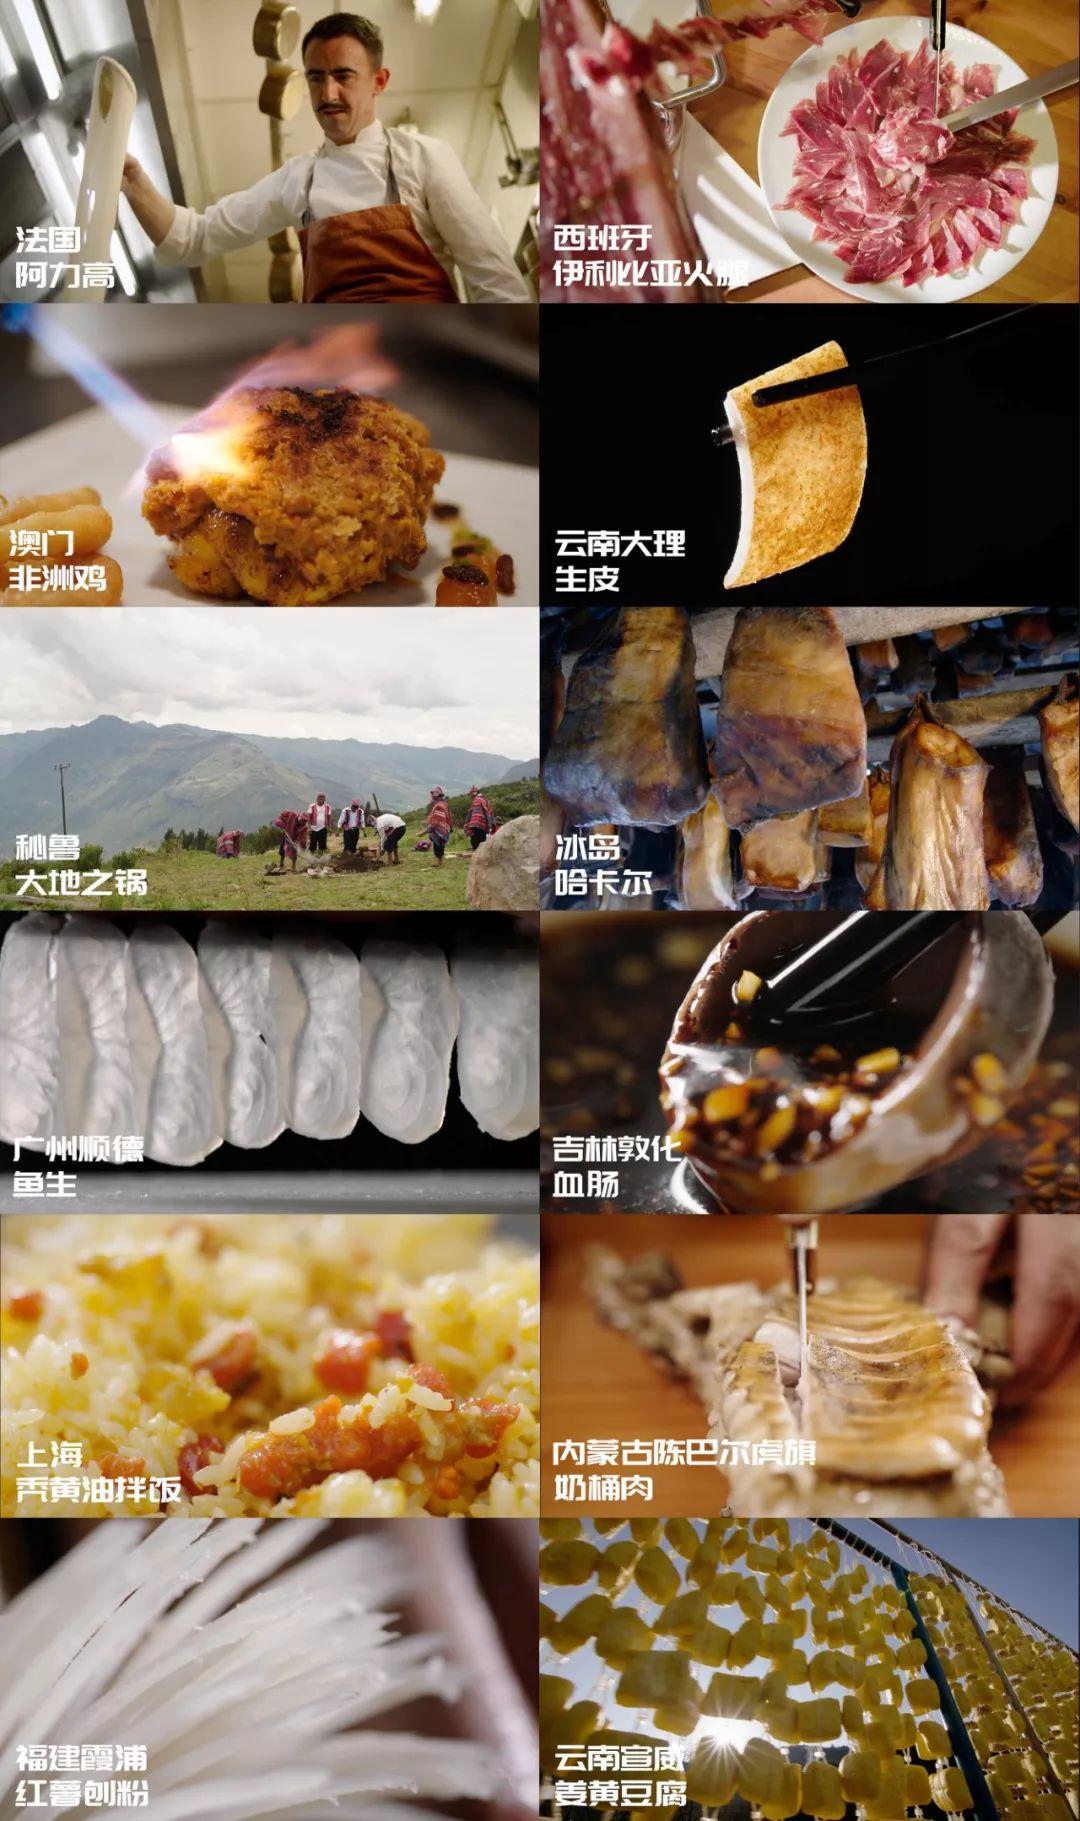 《舌尖》班底打造美食纪录片今日上线 提前披露陈晓卿钟爱的觅食地